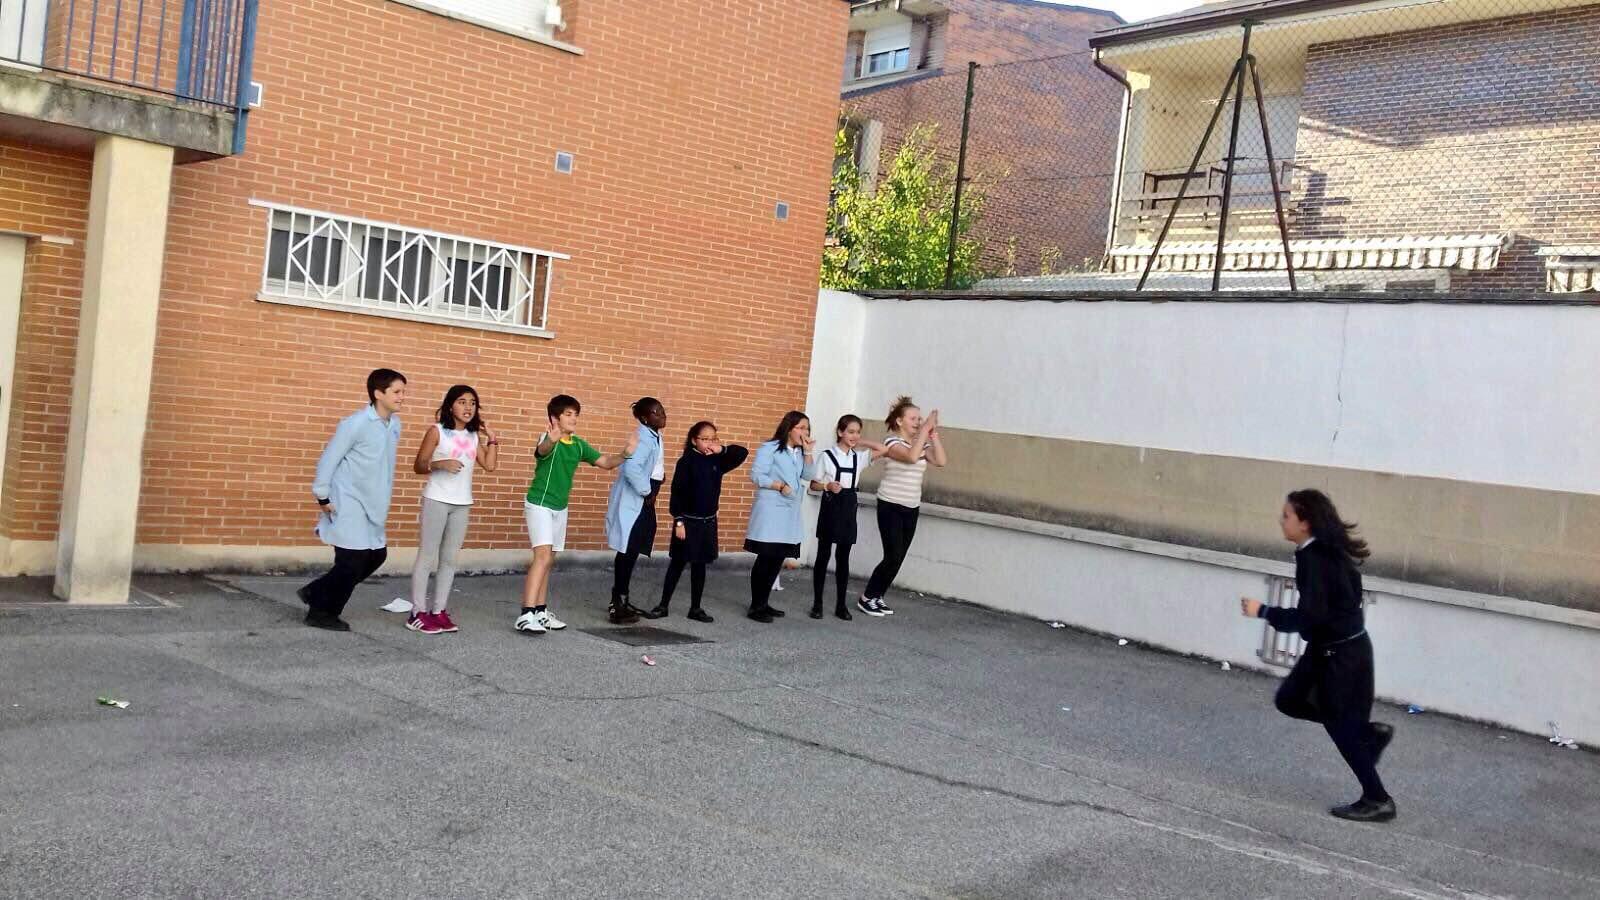 Colegio amor de dios burlada grupos adis - Colegio amor de dios oviedo ...